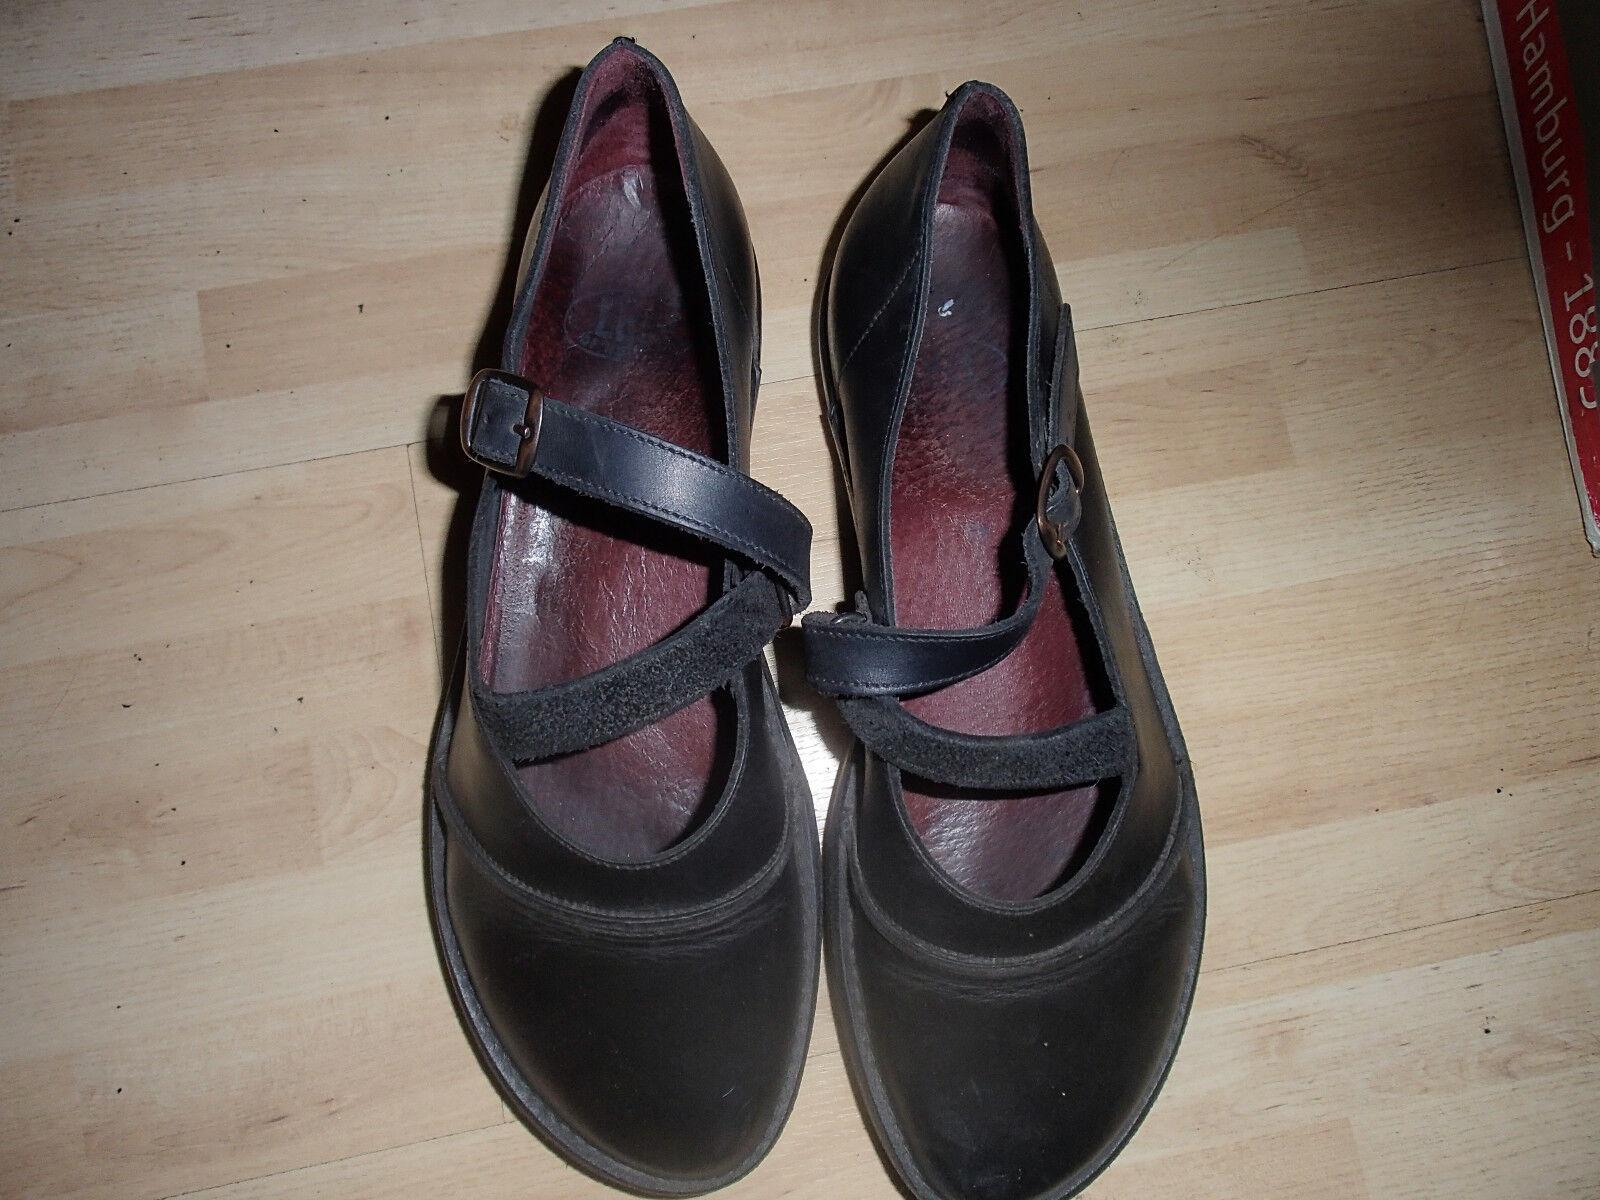 Schöne Ballerinas von Loints in schwarz